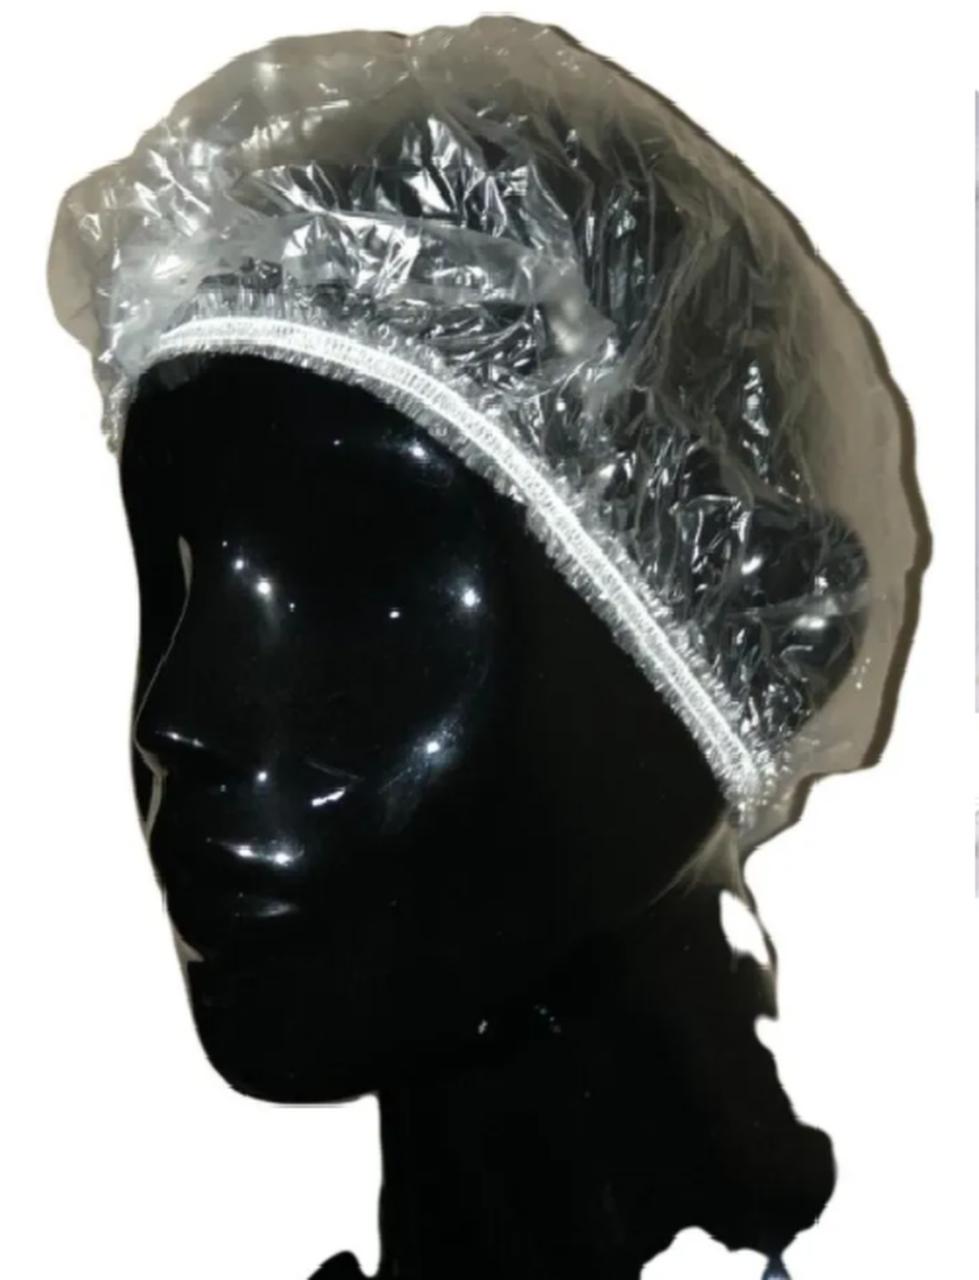 Touca Plástica Descartavel para Banho - pacote com 100 Unidades